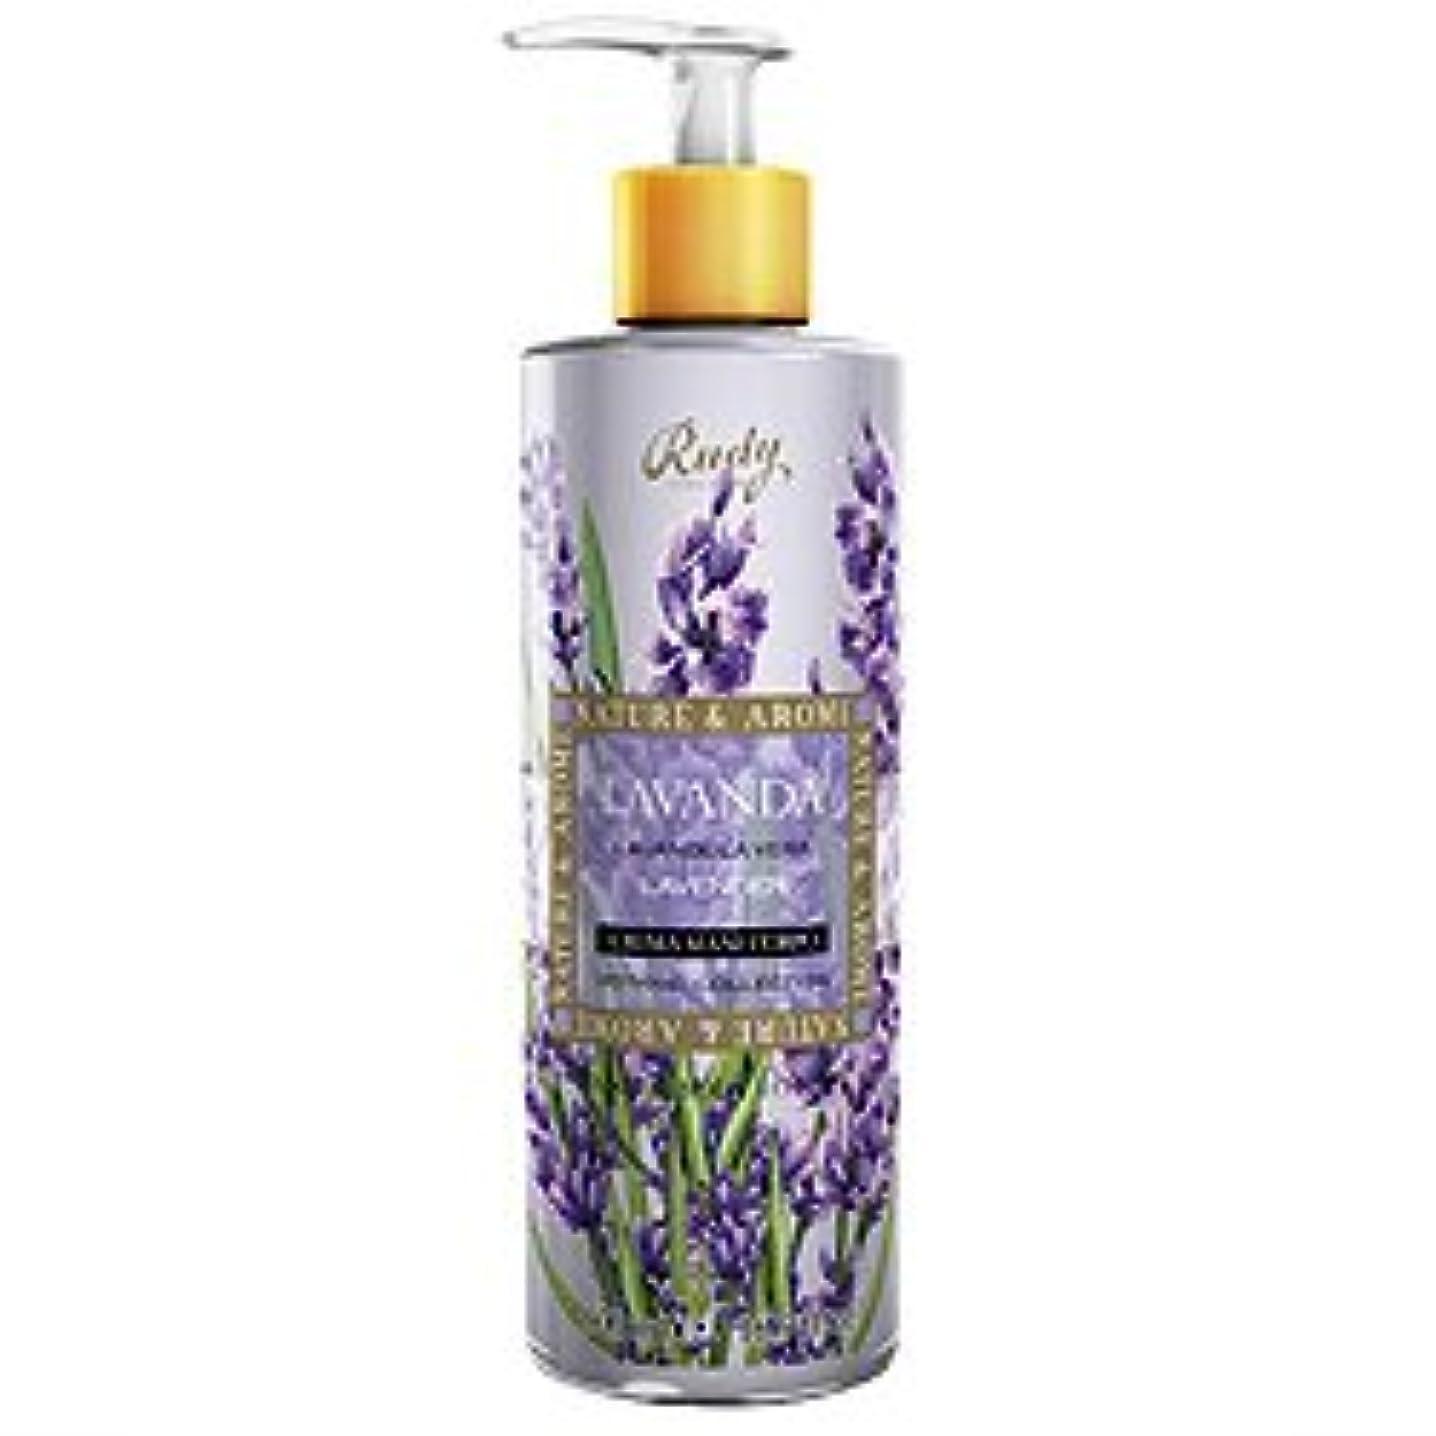 連邦悪党不正確ルディ(Rudy) ナチュール&アロマ ハンド&ボディローション ラベンダー 500ml 【並行輸入品】 RUDY Nature&Arome SERIES Hand&Body lotion Lavender